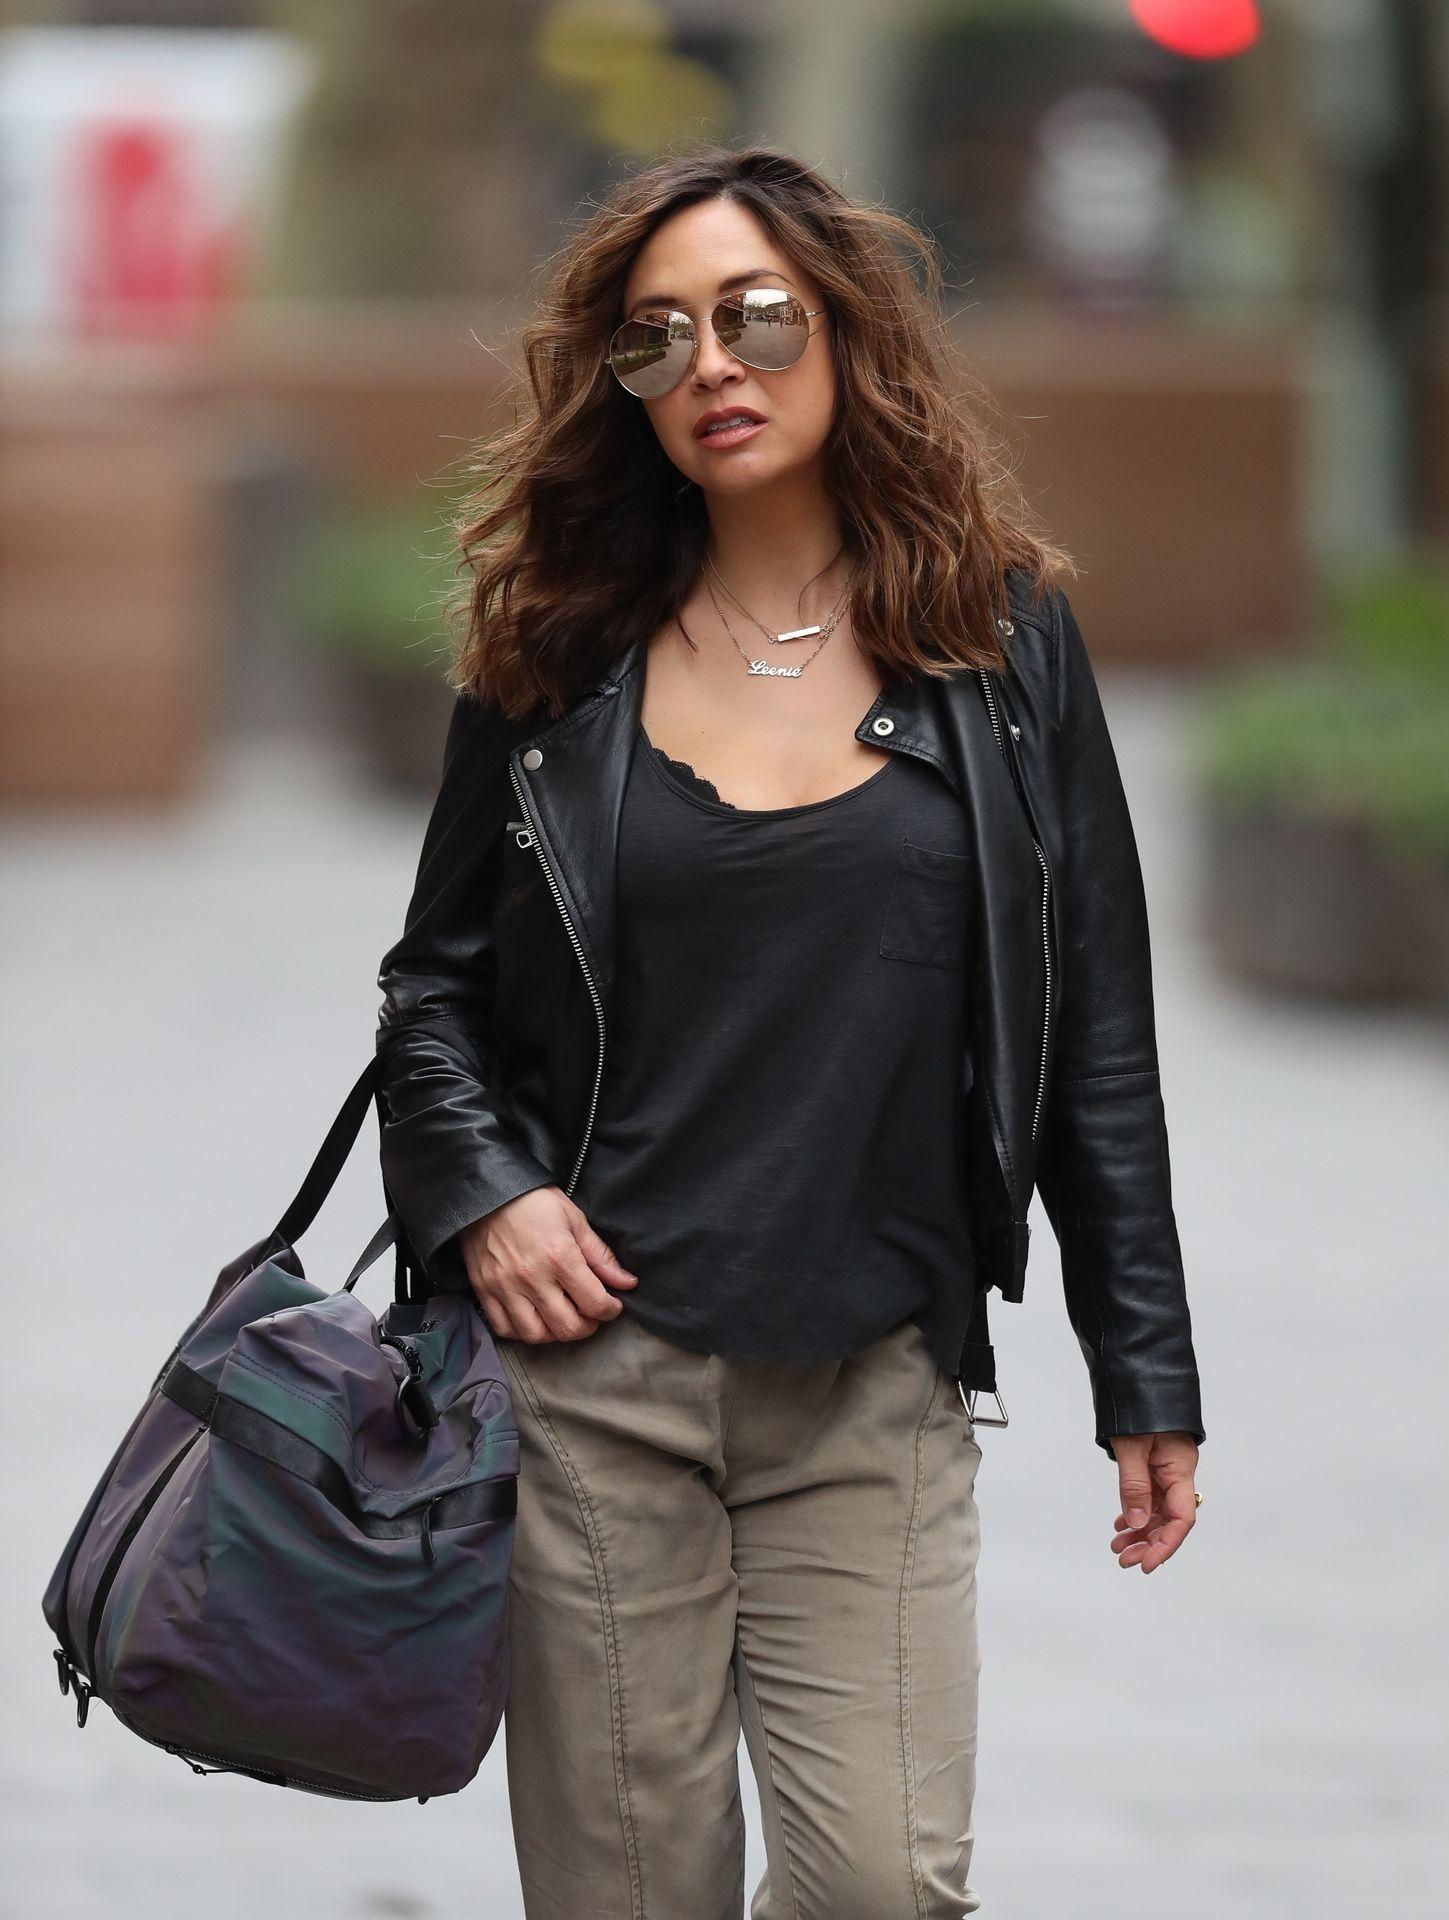 Myleene Klass Looks Hot In All Black In London 0015